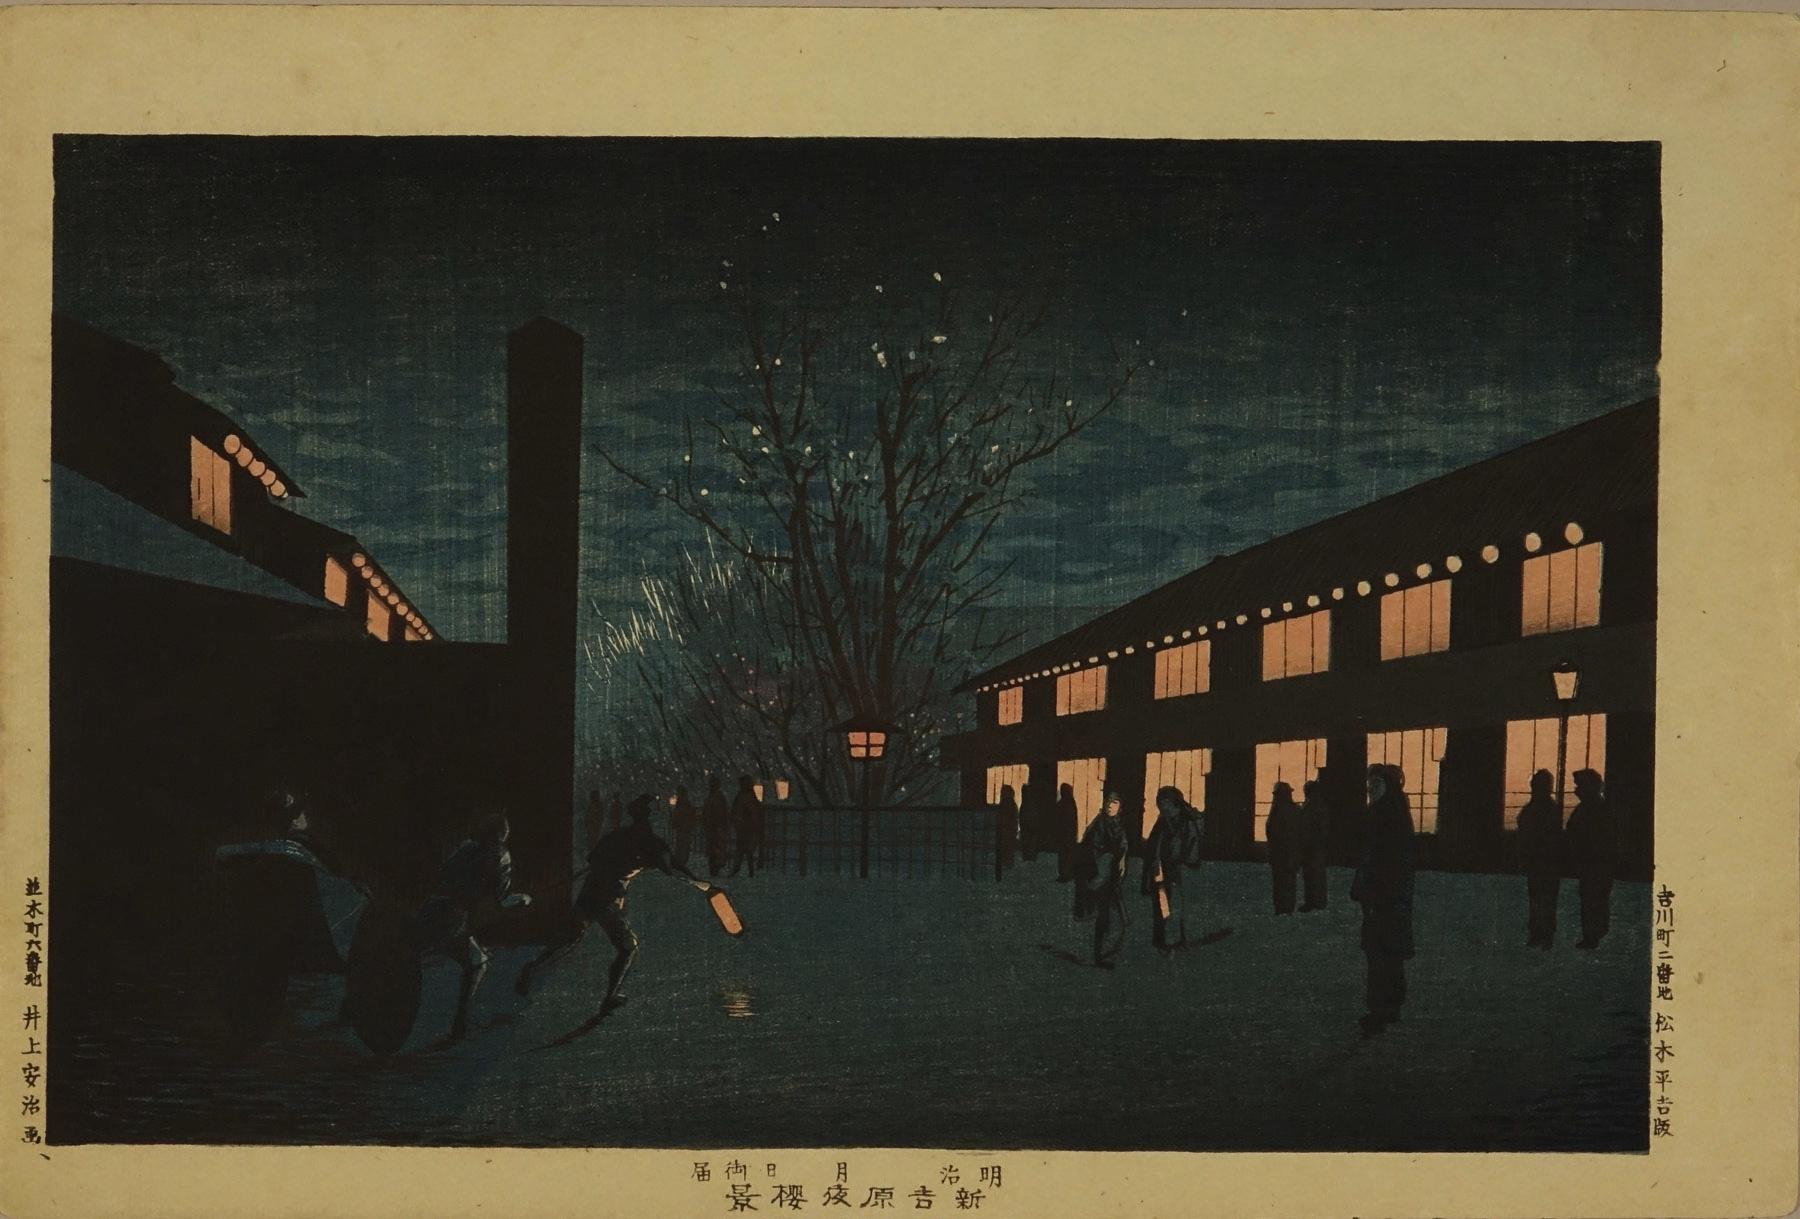 YASUJI <i>Shin-Yoshiwara yozakura no kei</i> (Cherry blossom in the night at Shin-Yoshiwara)